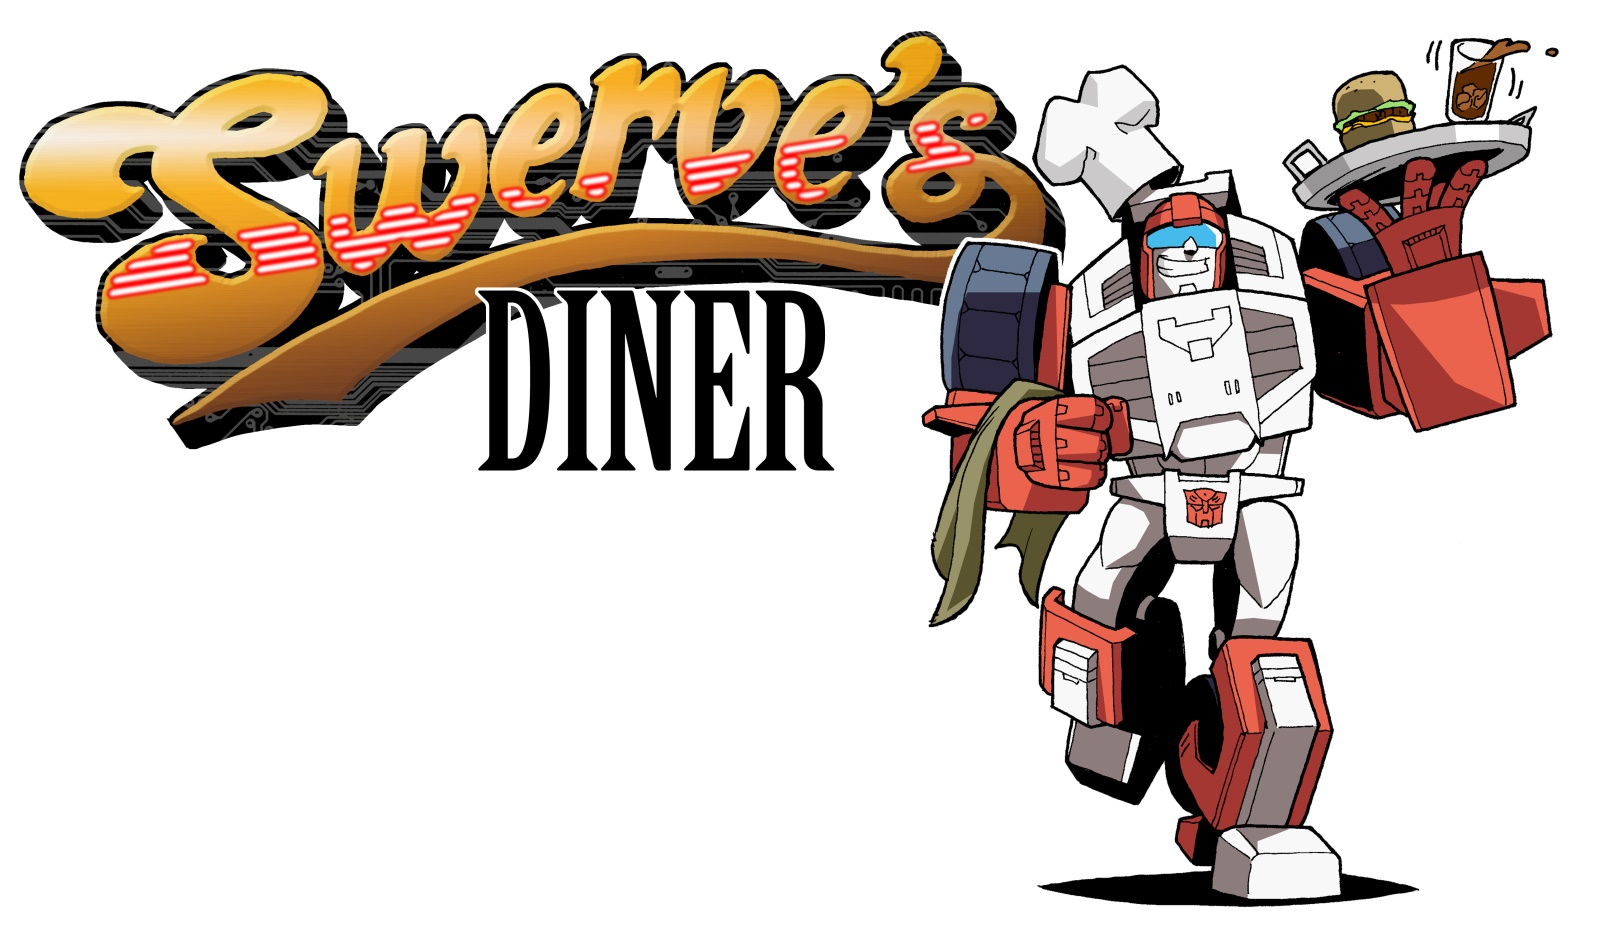 Swerves Diner